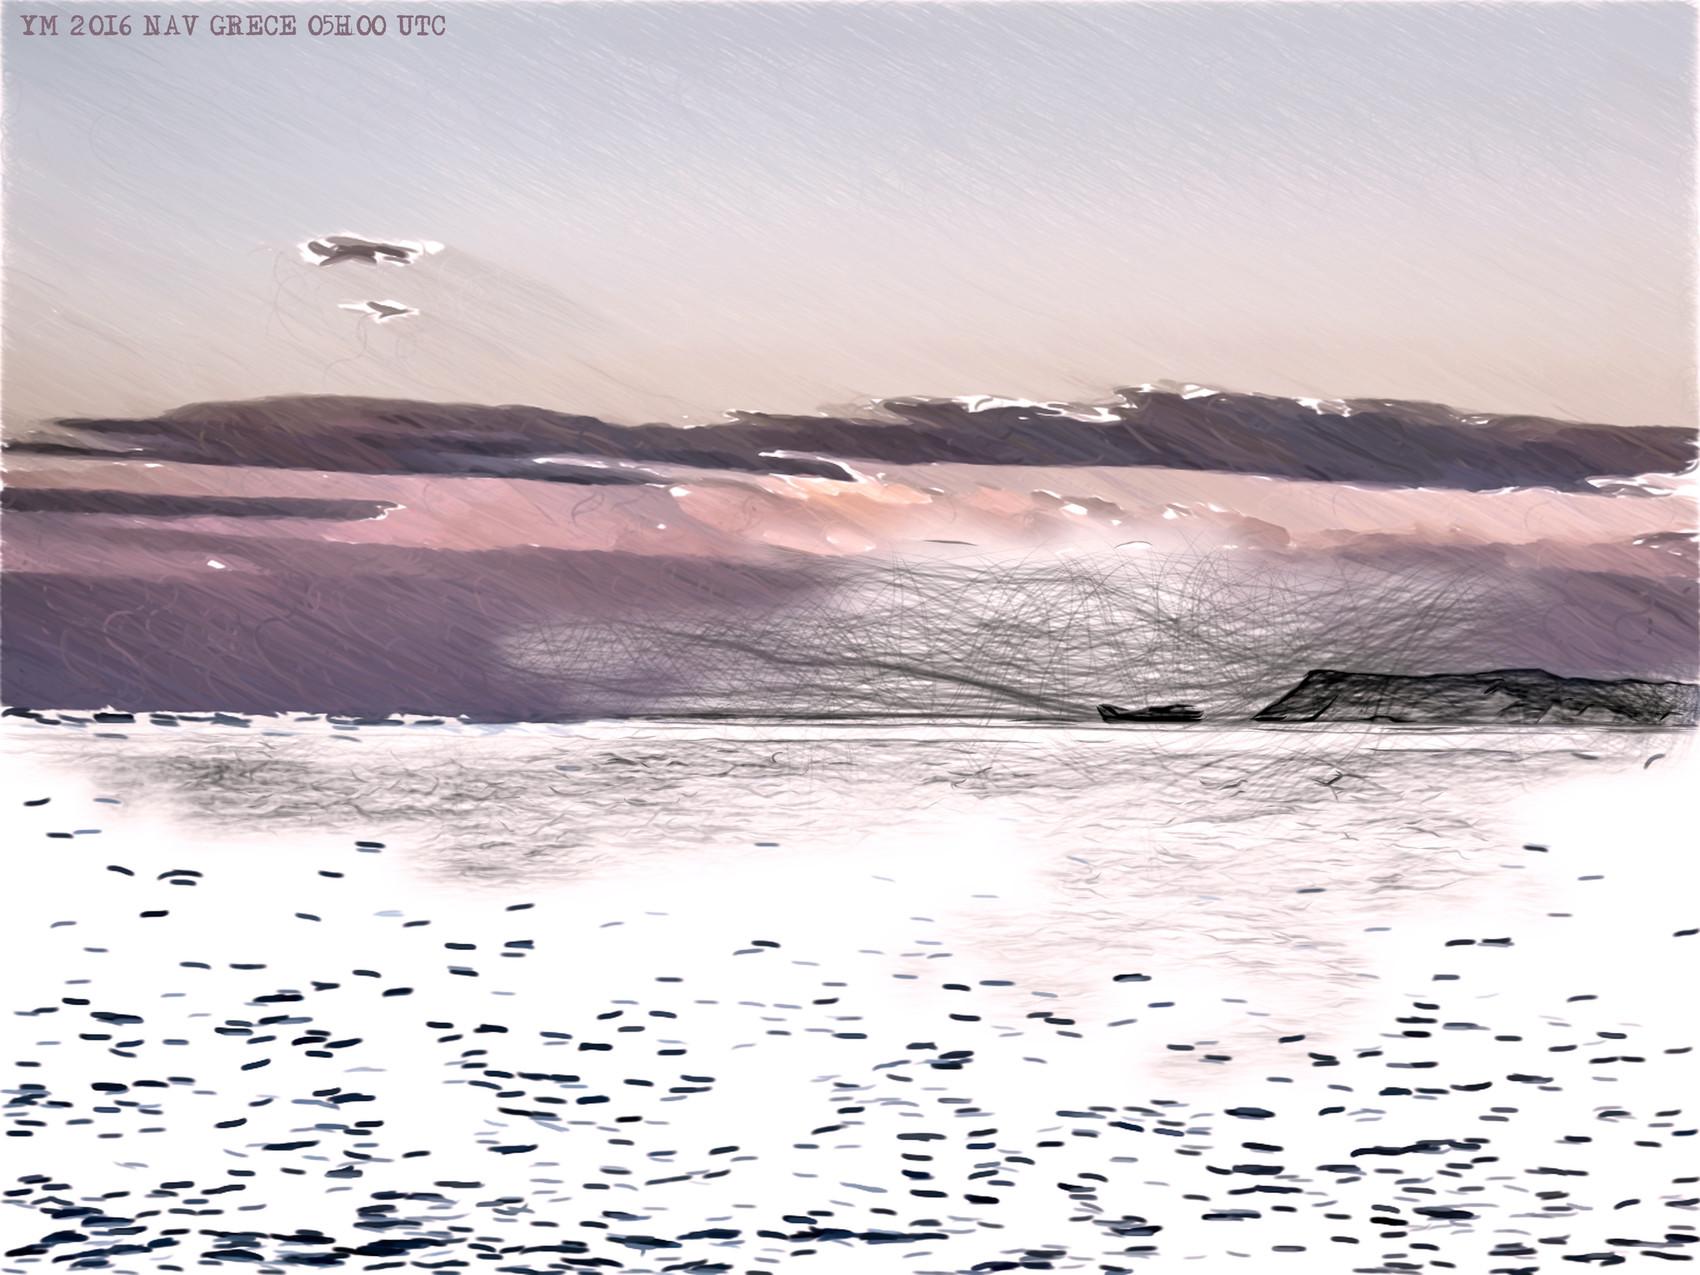 NAV GRECE 05H00 UTC